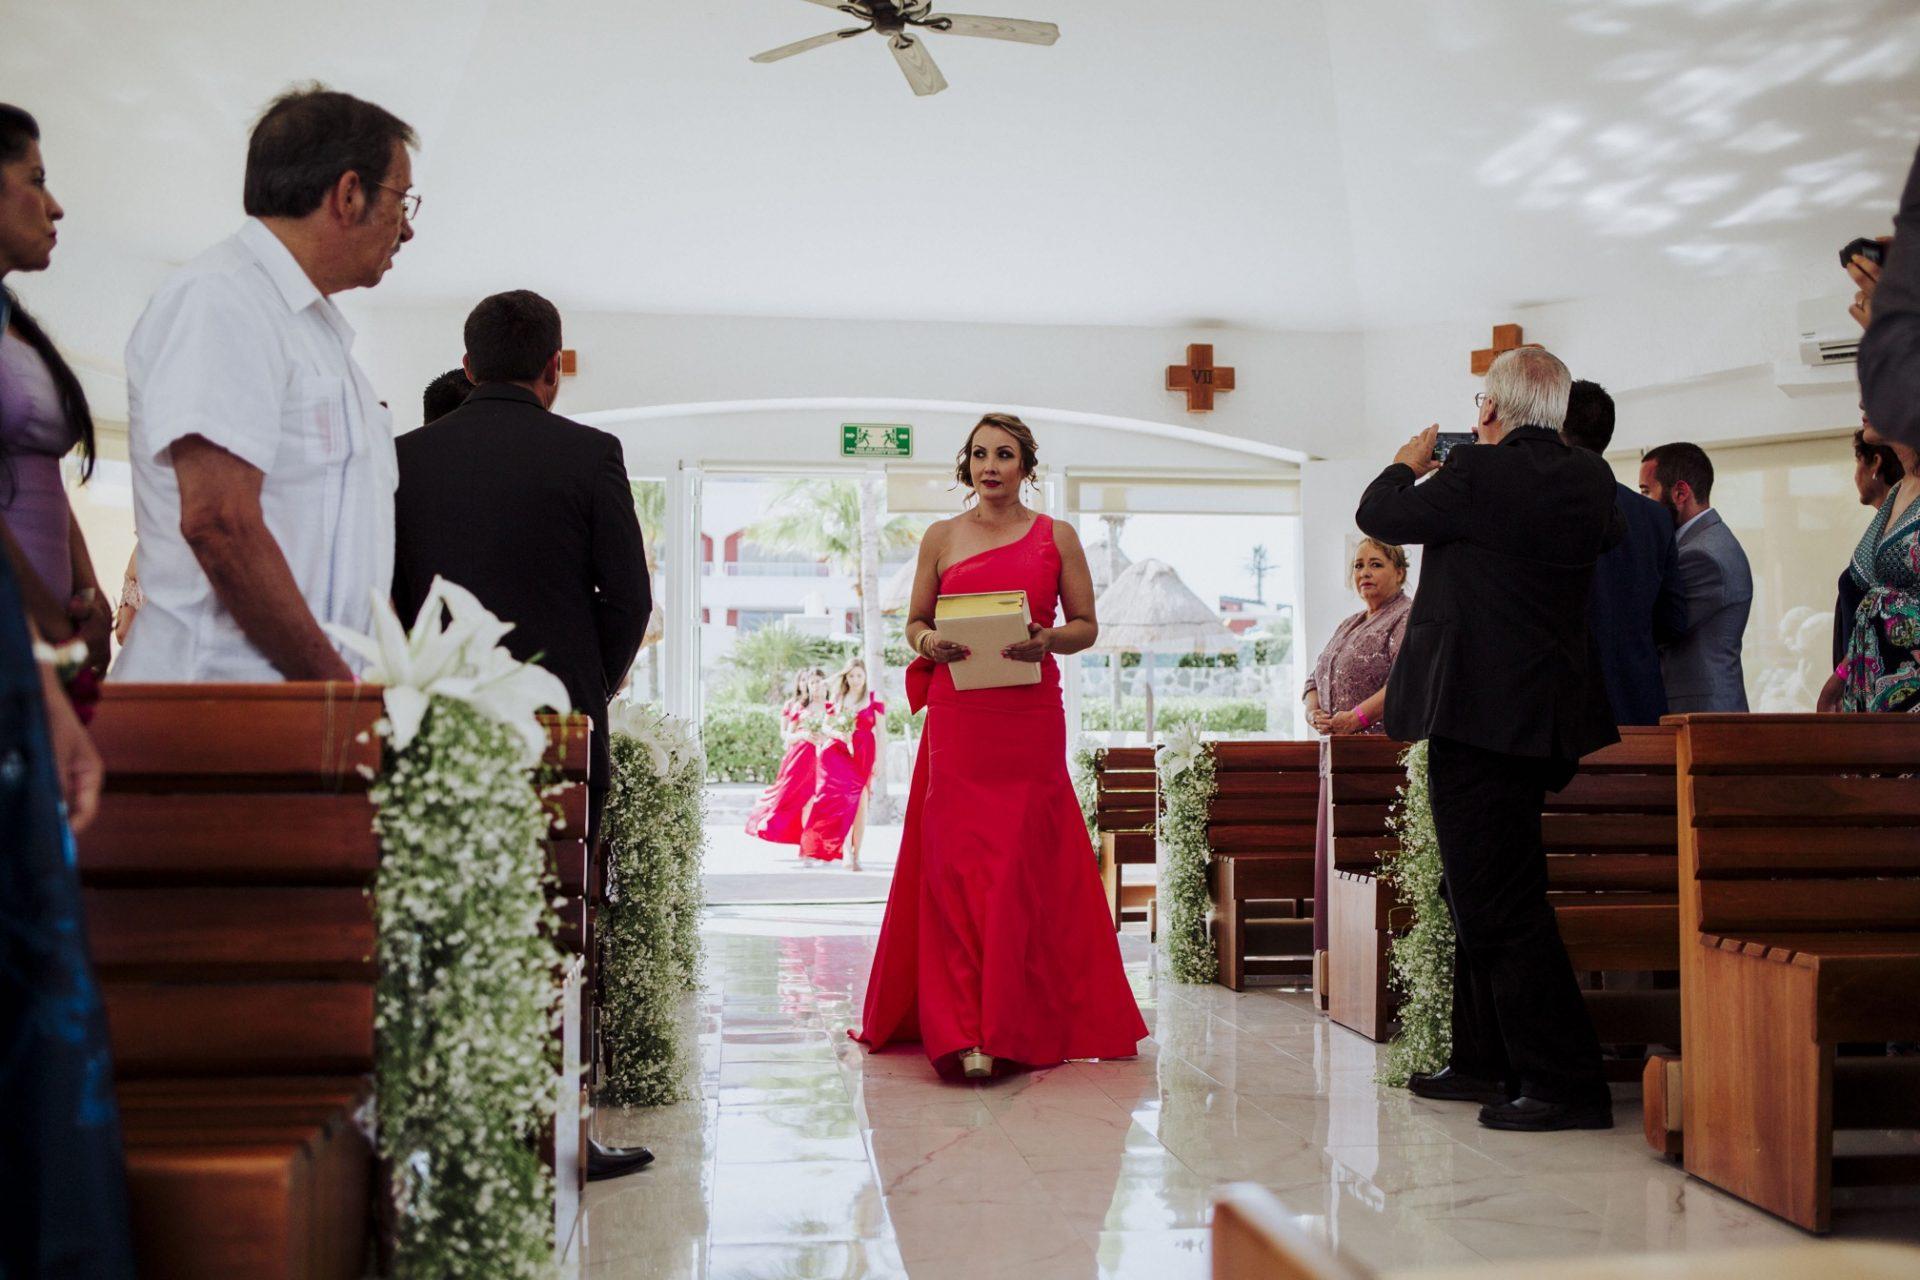 fotografo_bodas_profesional_zacatecas_riviera_maya_cancun-216